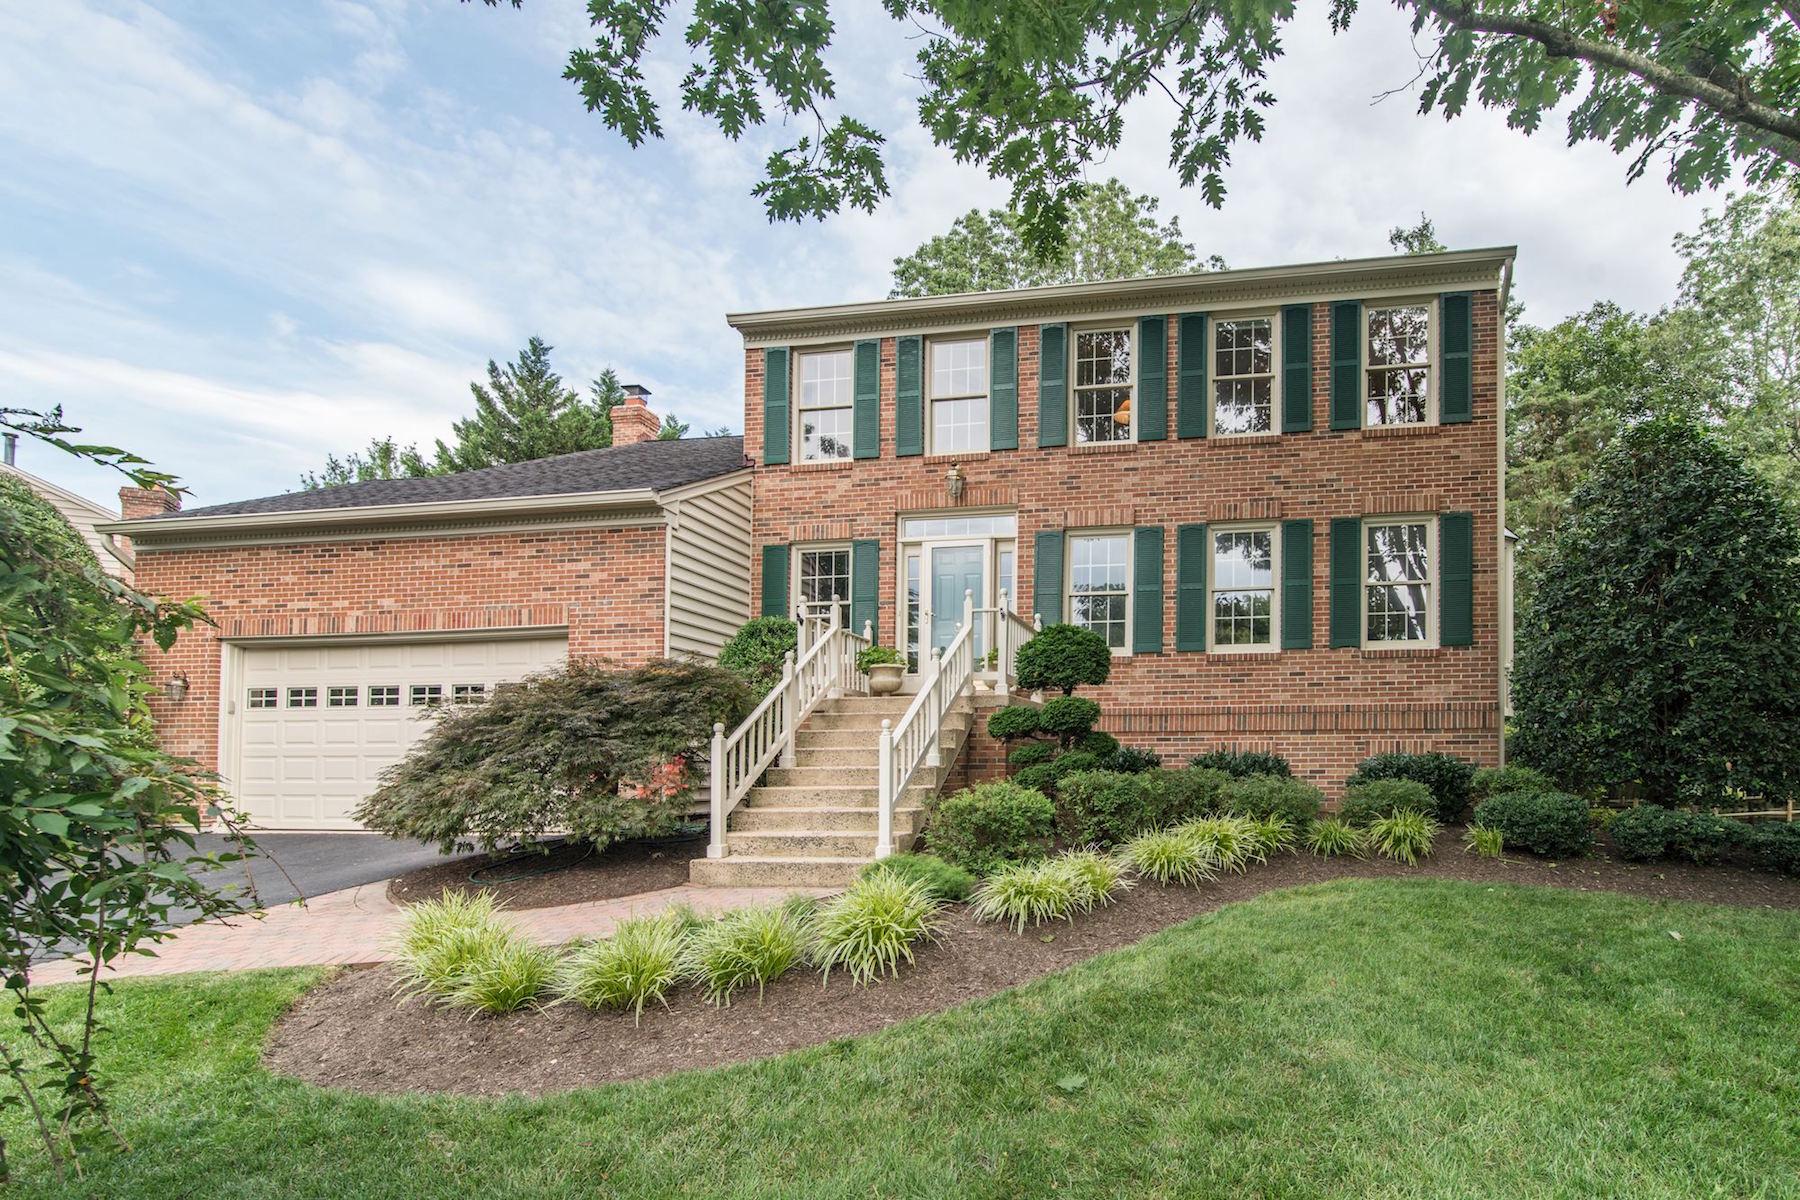 Μονοκατοικία για την Πώληση στο Virginia Run 15363 Worth Ct Centreville, Βιρτζινια 20120 Ηνωμενεσ Πολιτειεσ